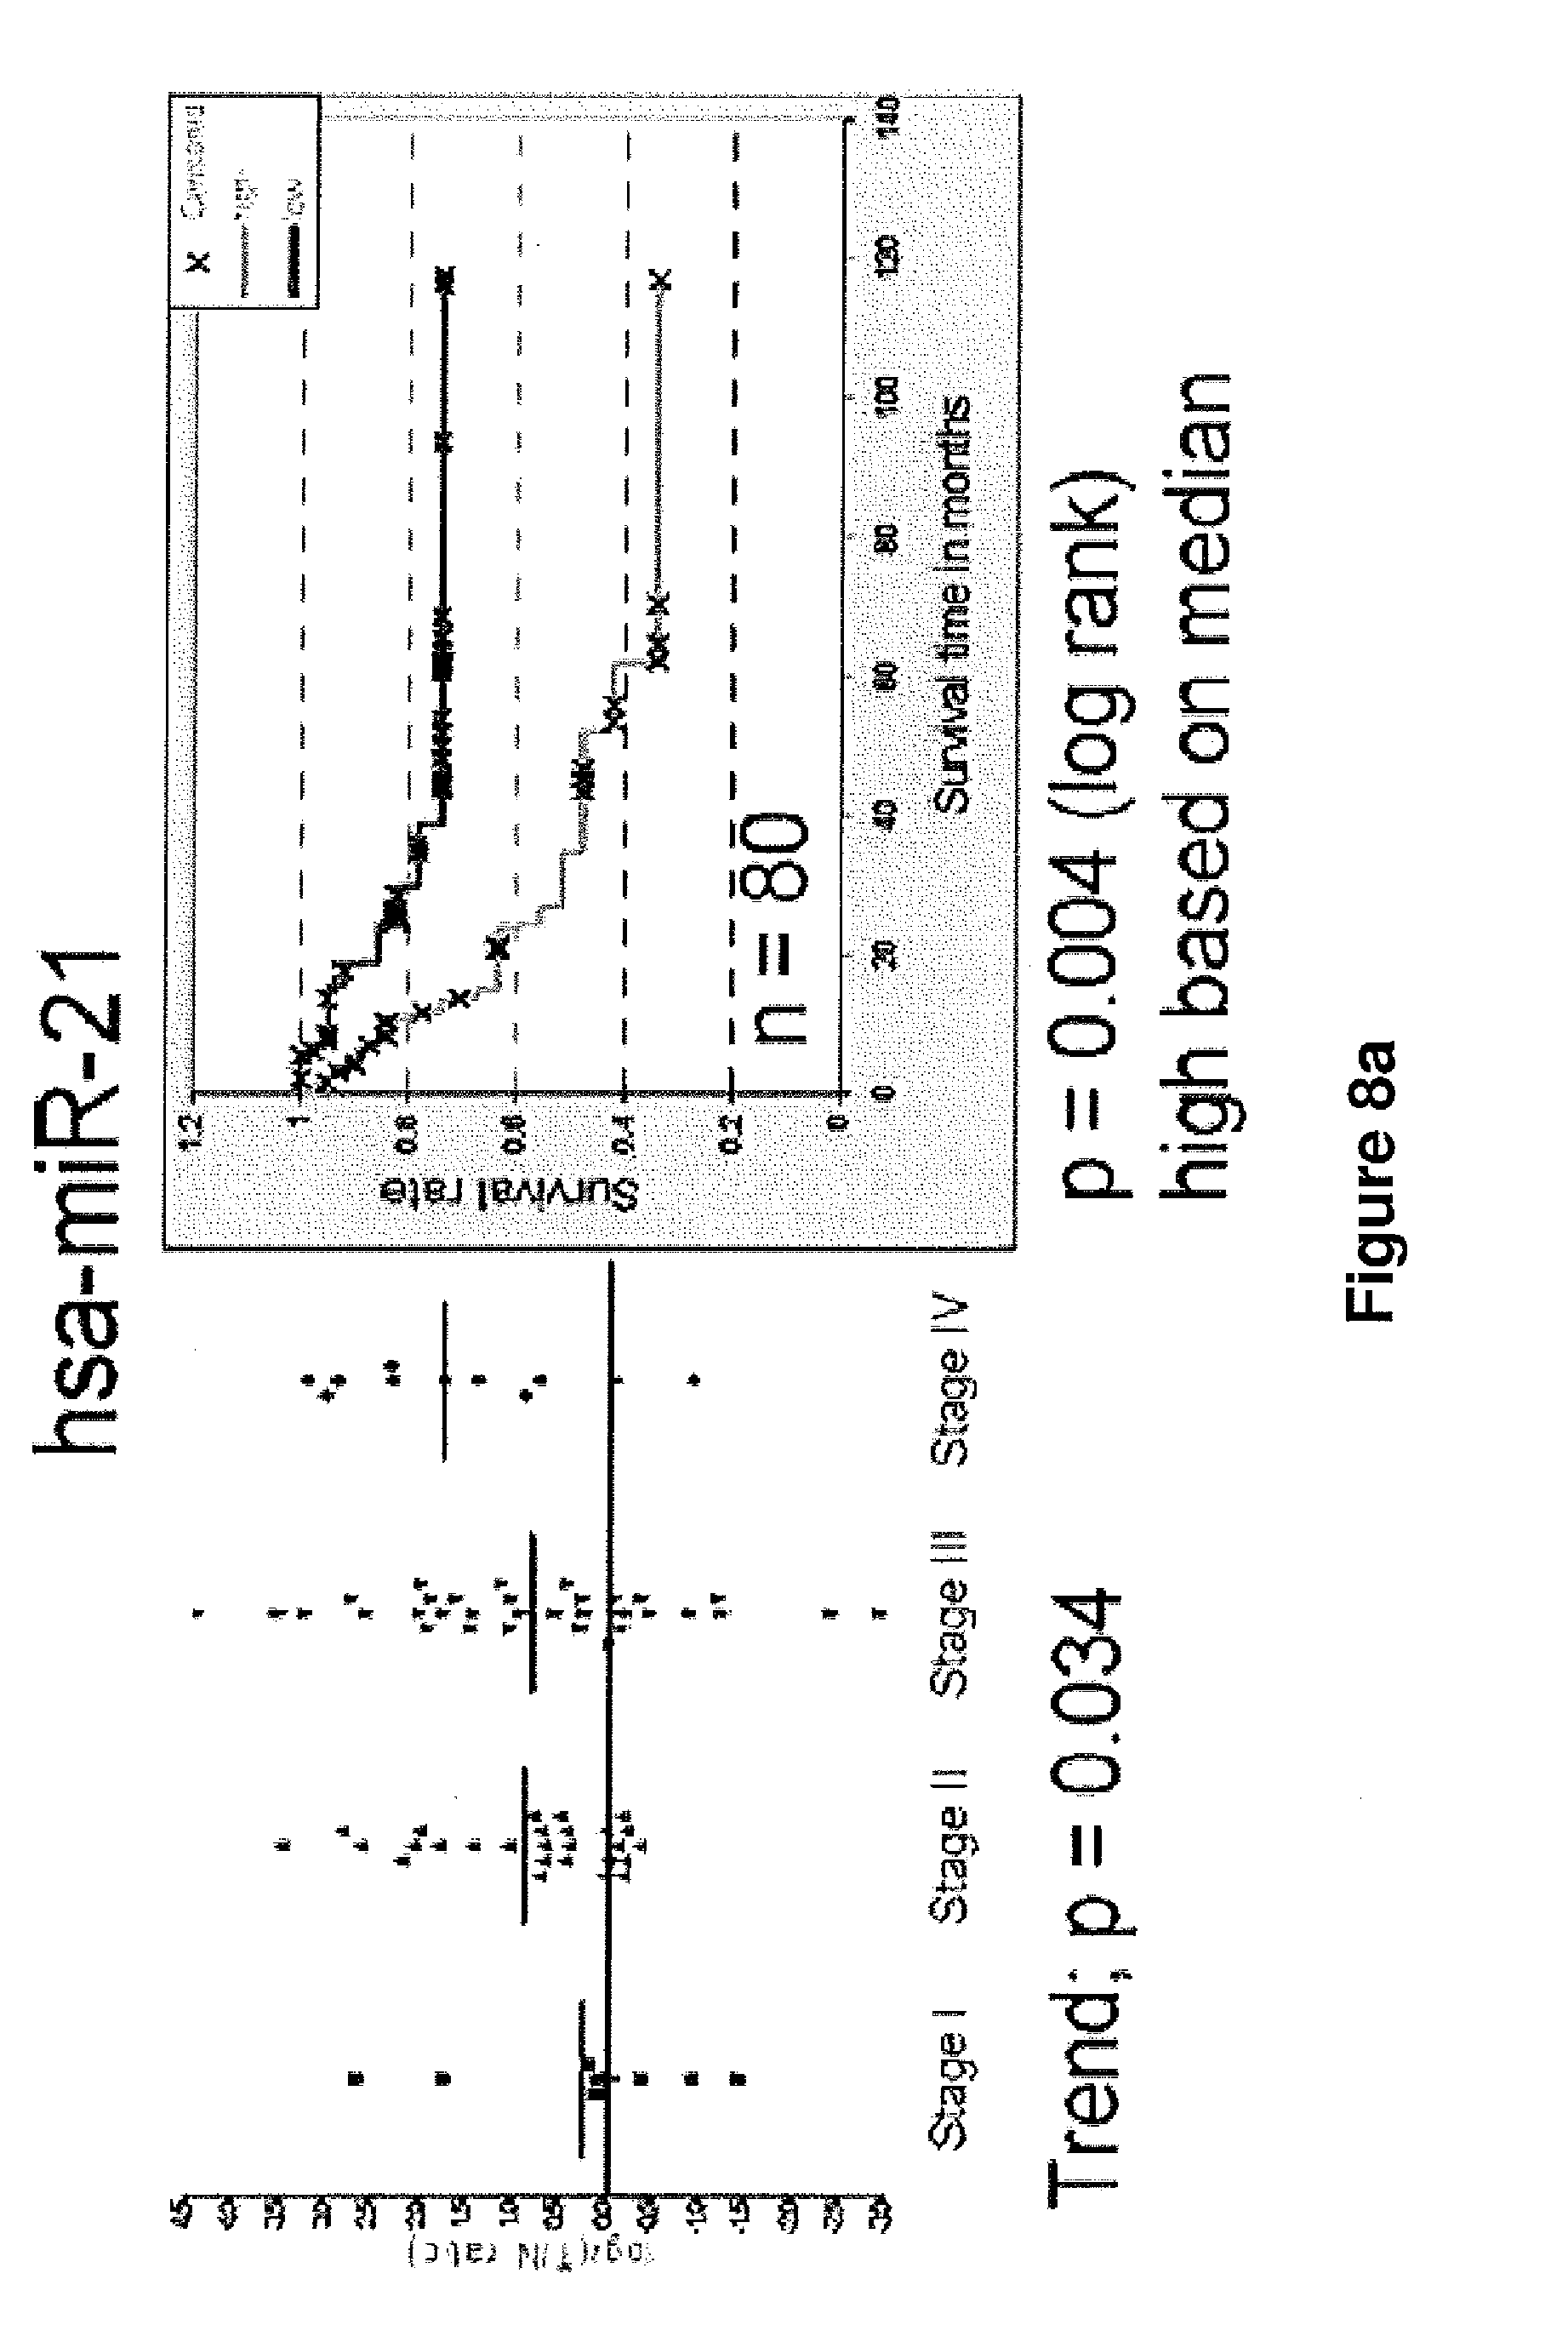 micro-arn-103-2 zur diagnose von darm-adenokarzinom mit